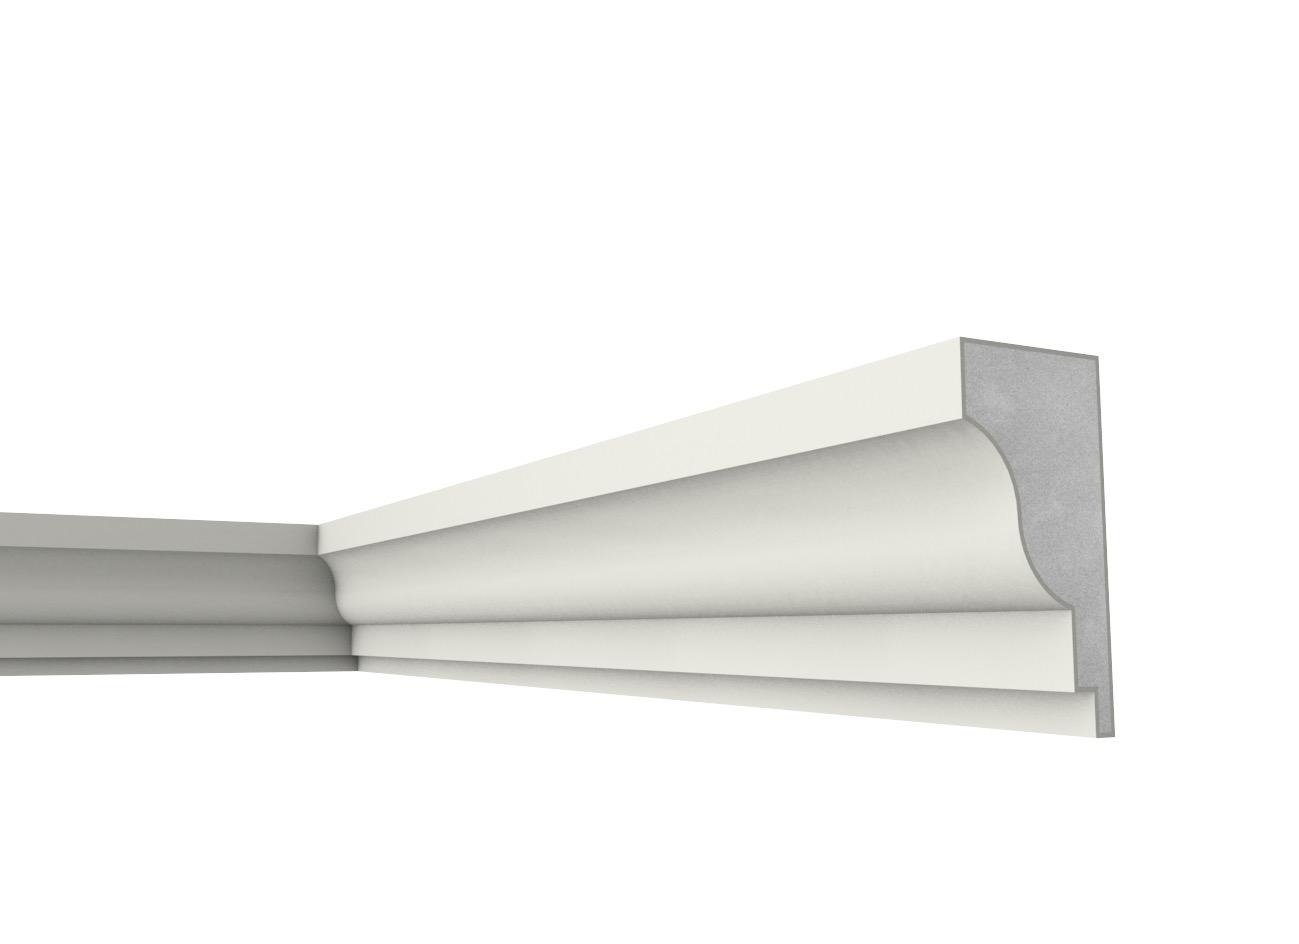 Fb 14 - Cornice e marcapiano in polistirene spalmato con graniglie - Decorget - Ital Decori - Image 0